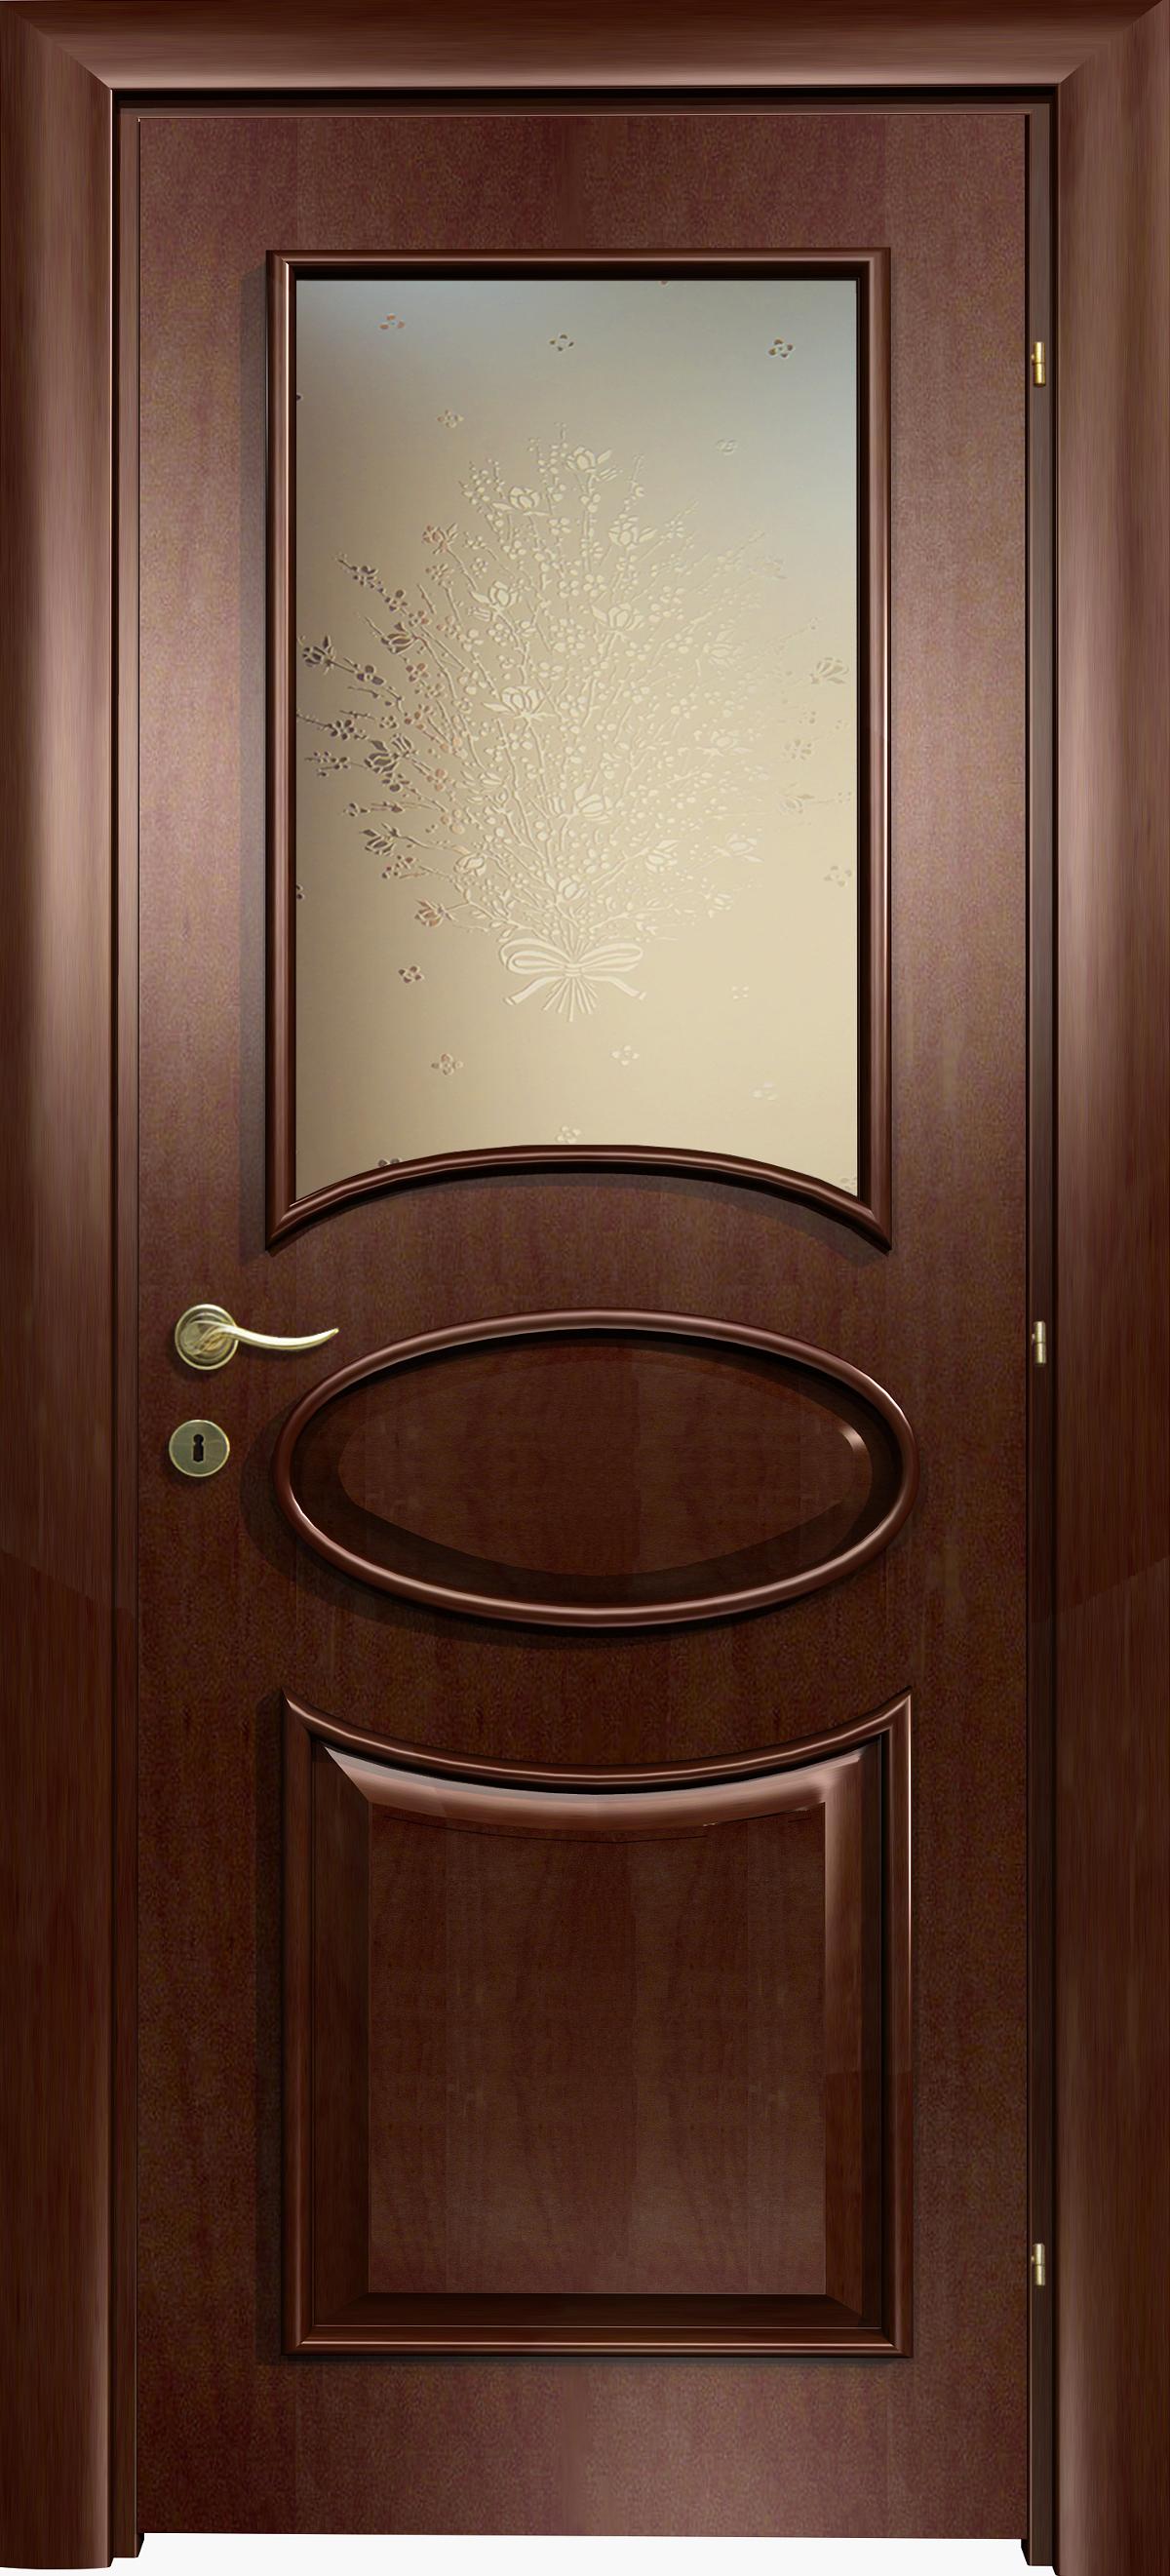 Межкомнатная / входная дверь, отделка: натуральный шпон, Capri Oval V